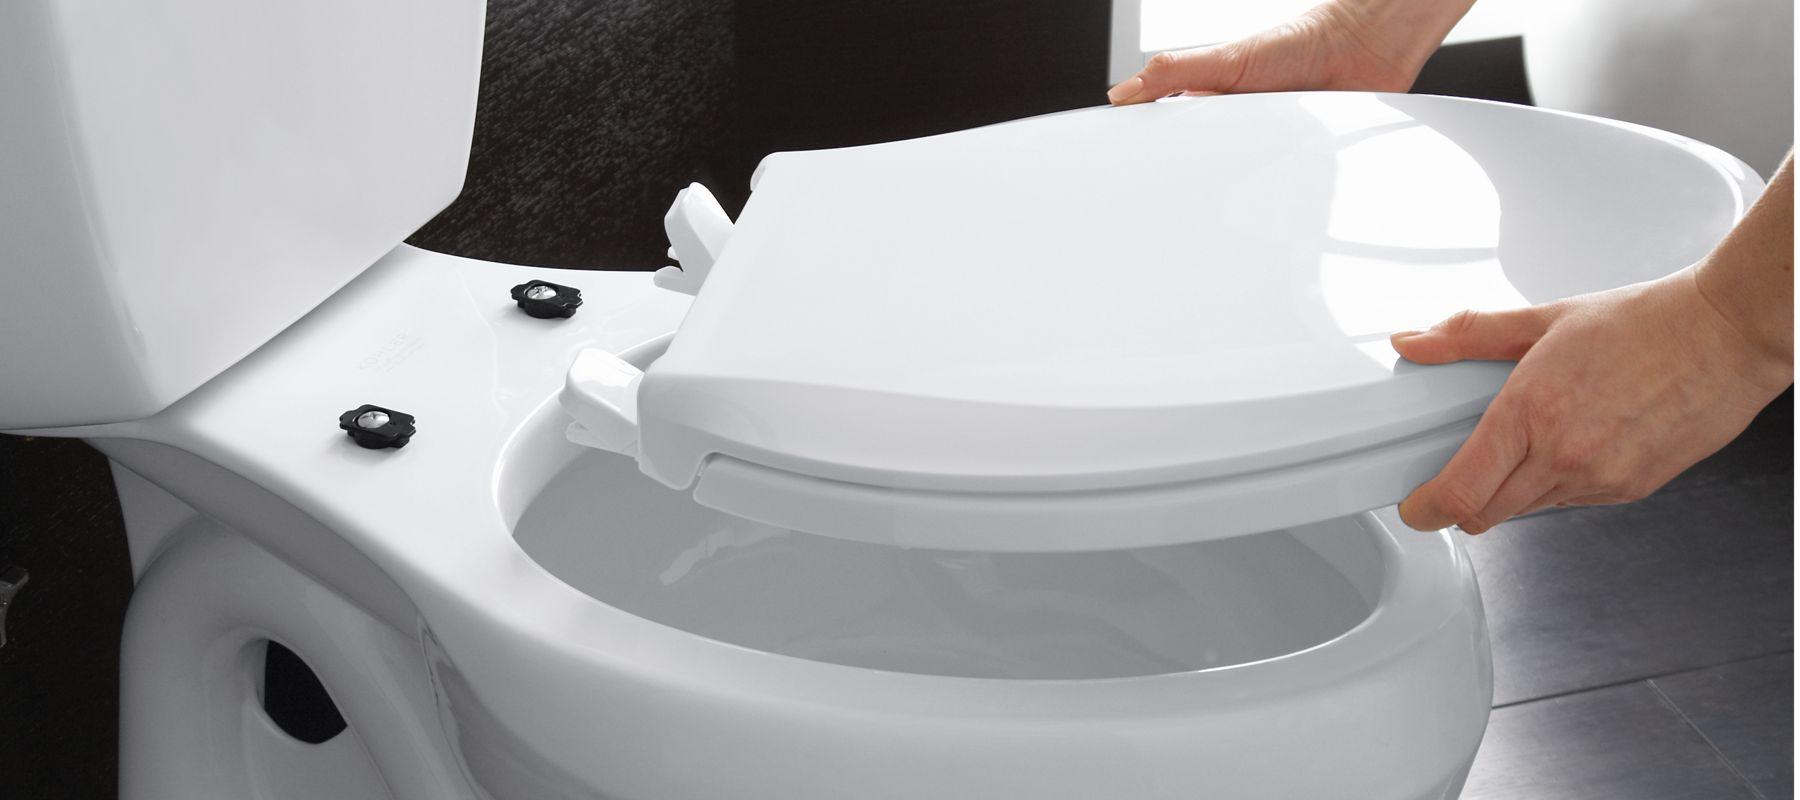 Сиденье для унитаза с микролифтом: что это такое, микролифты для крышки, roca dama senso и другие производители, ремонт своими руками